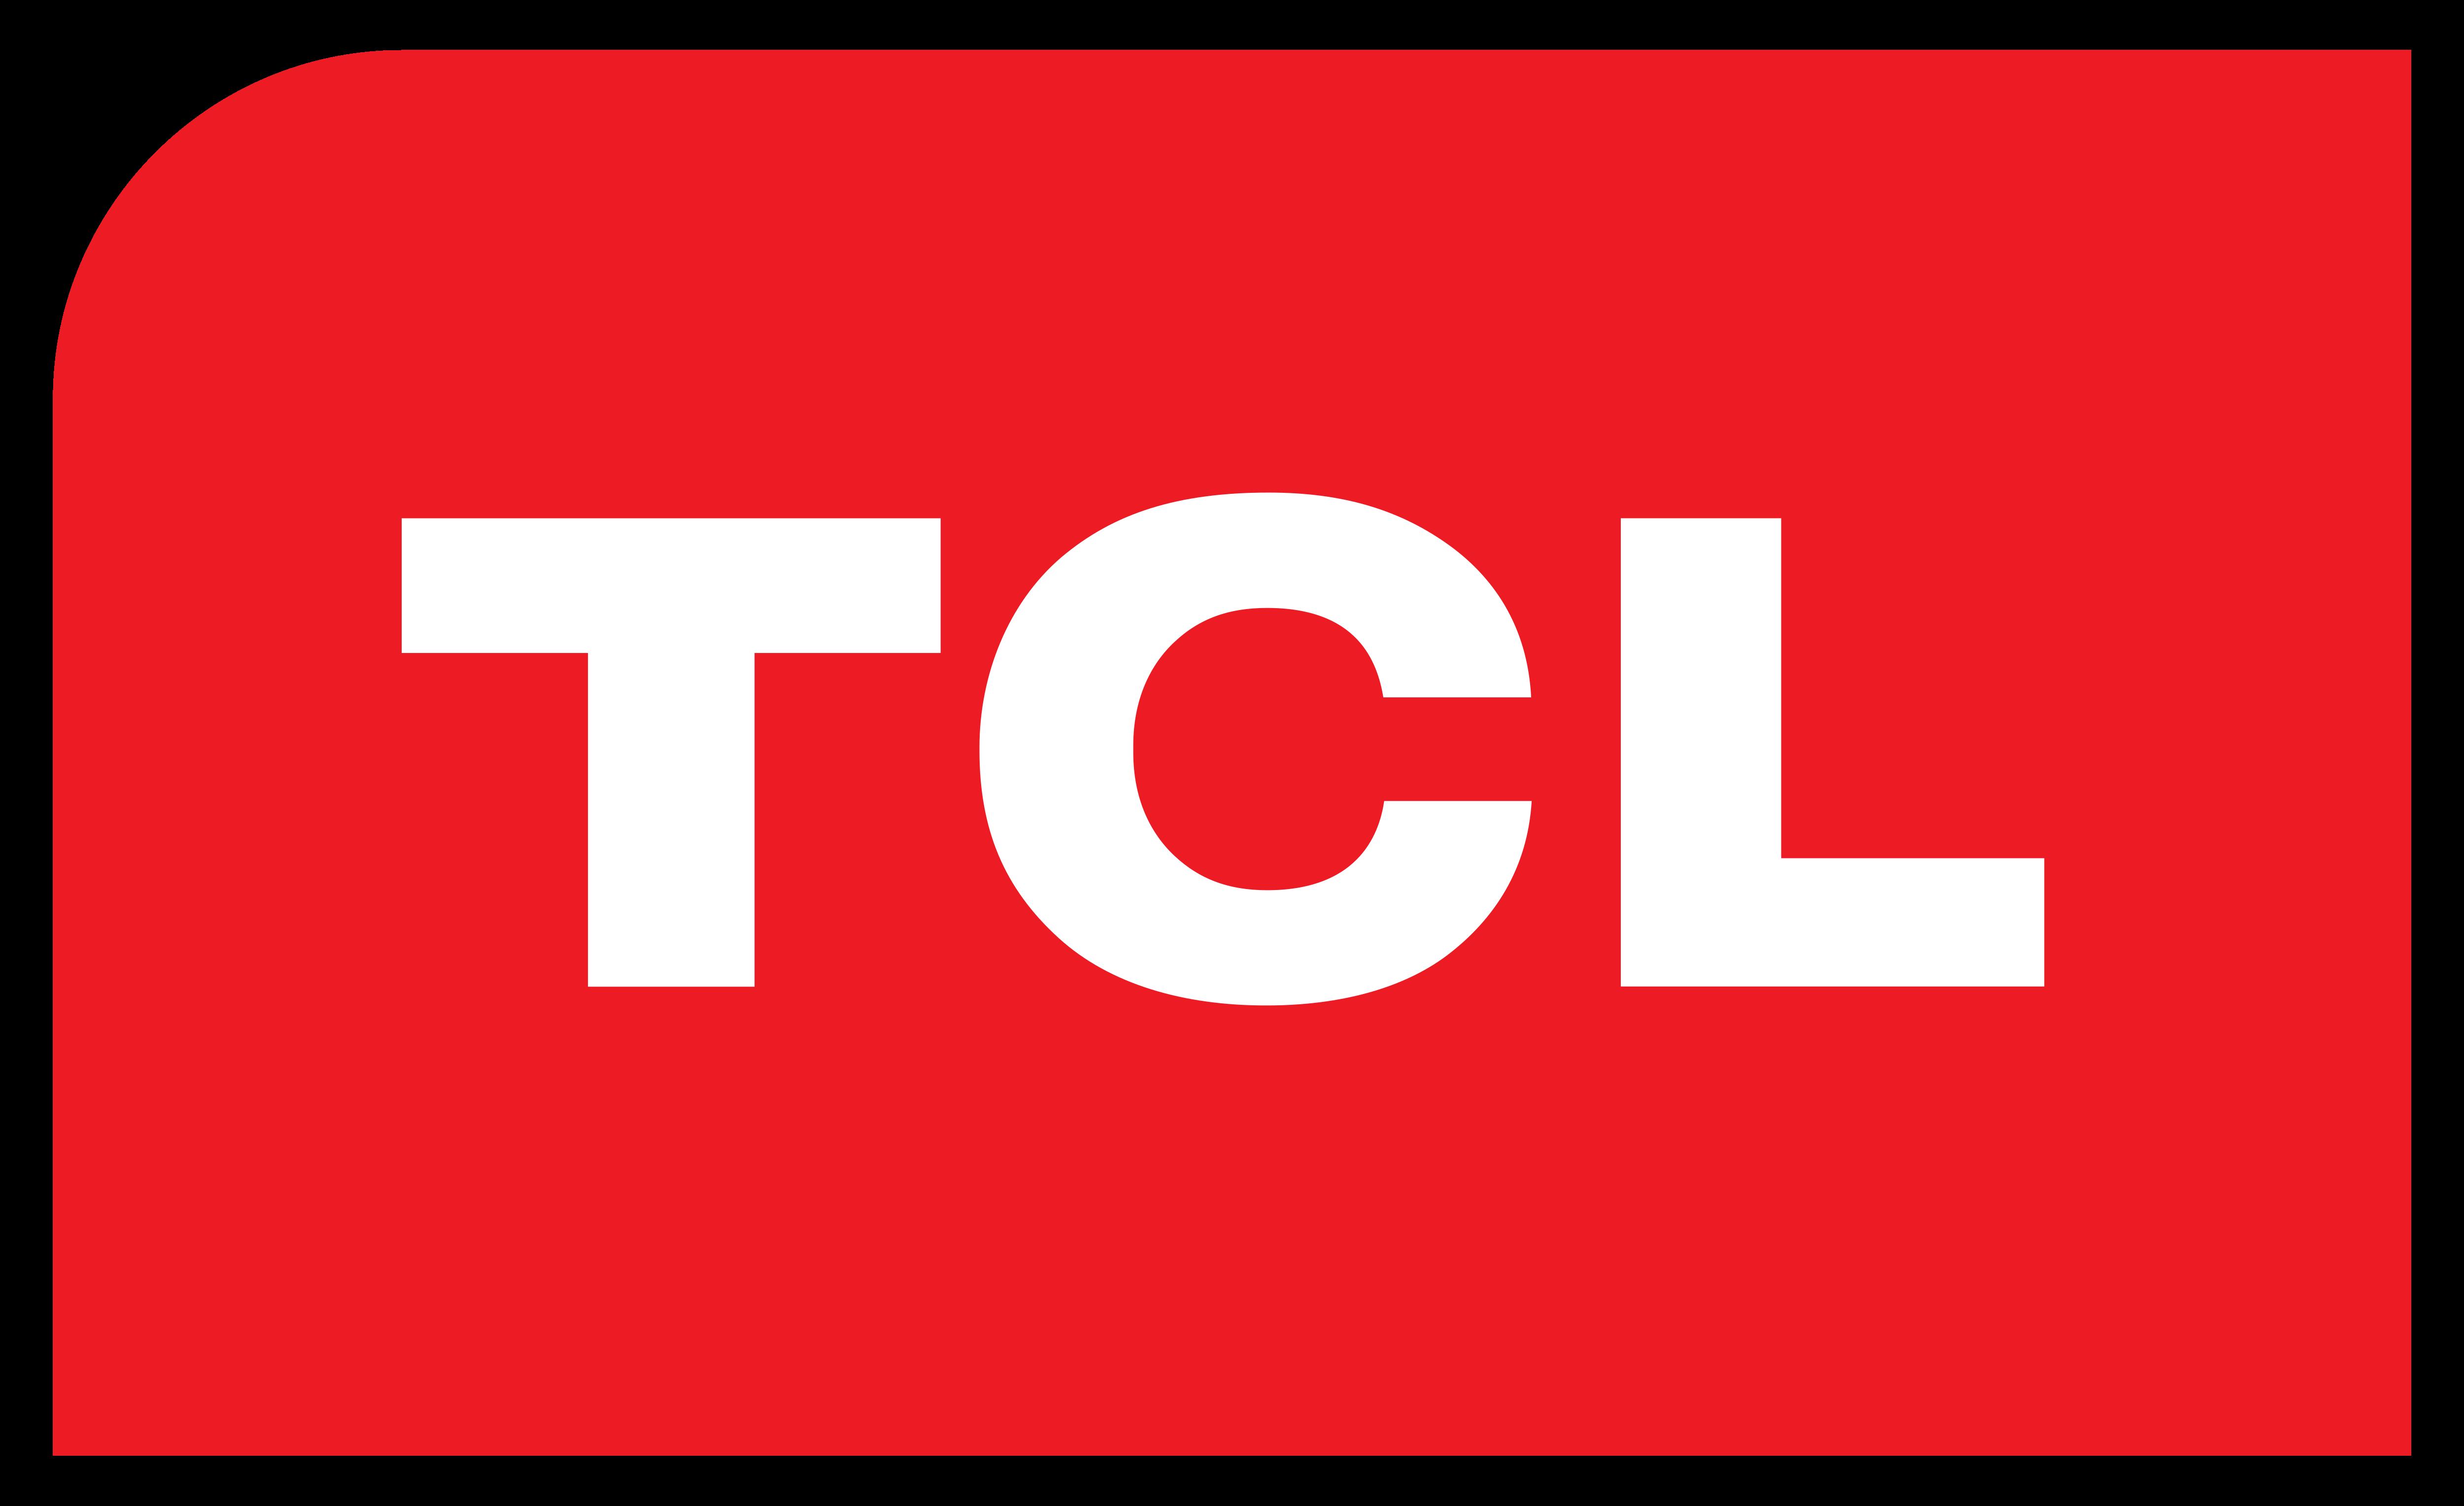 Logo da marca tcl